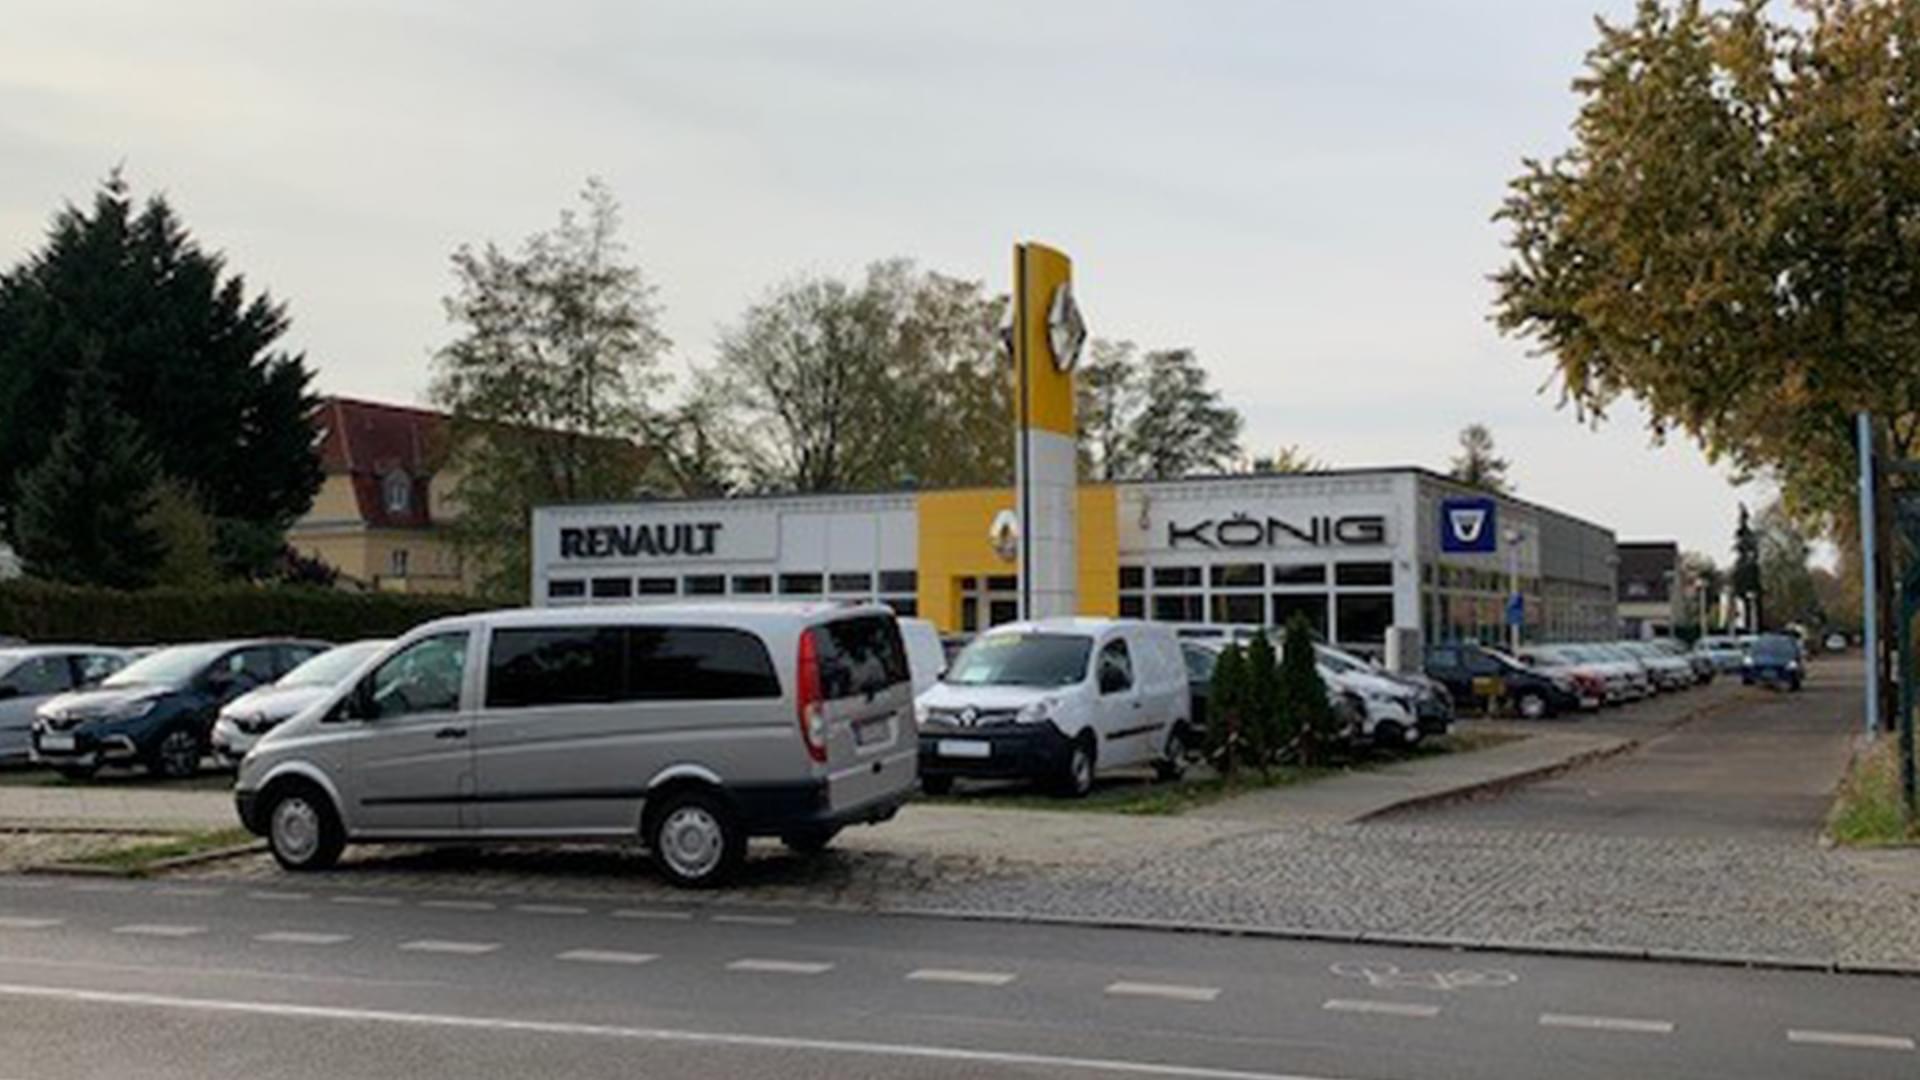 Berlin-Köpenick